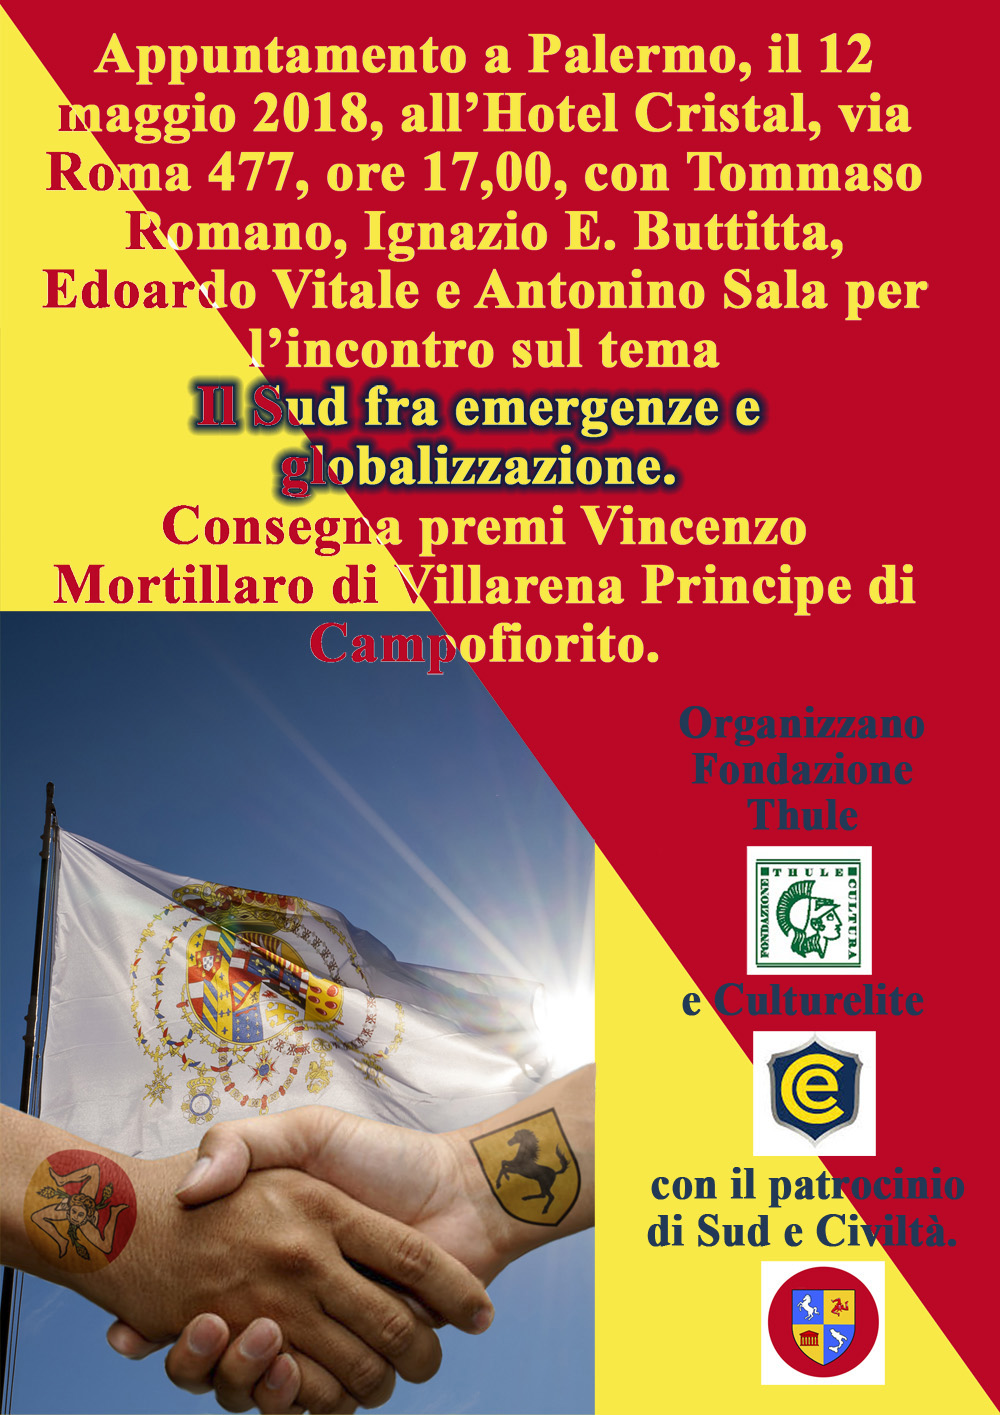 annuncio convegno Palermo 2018 A unico livello 1000